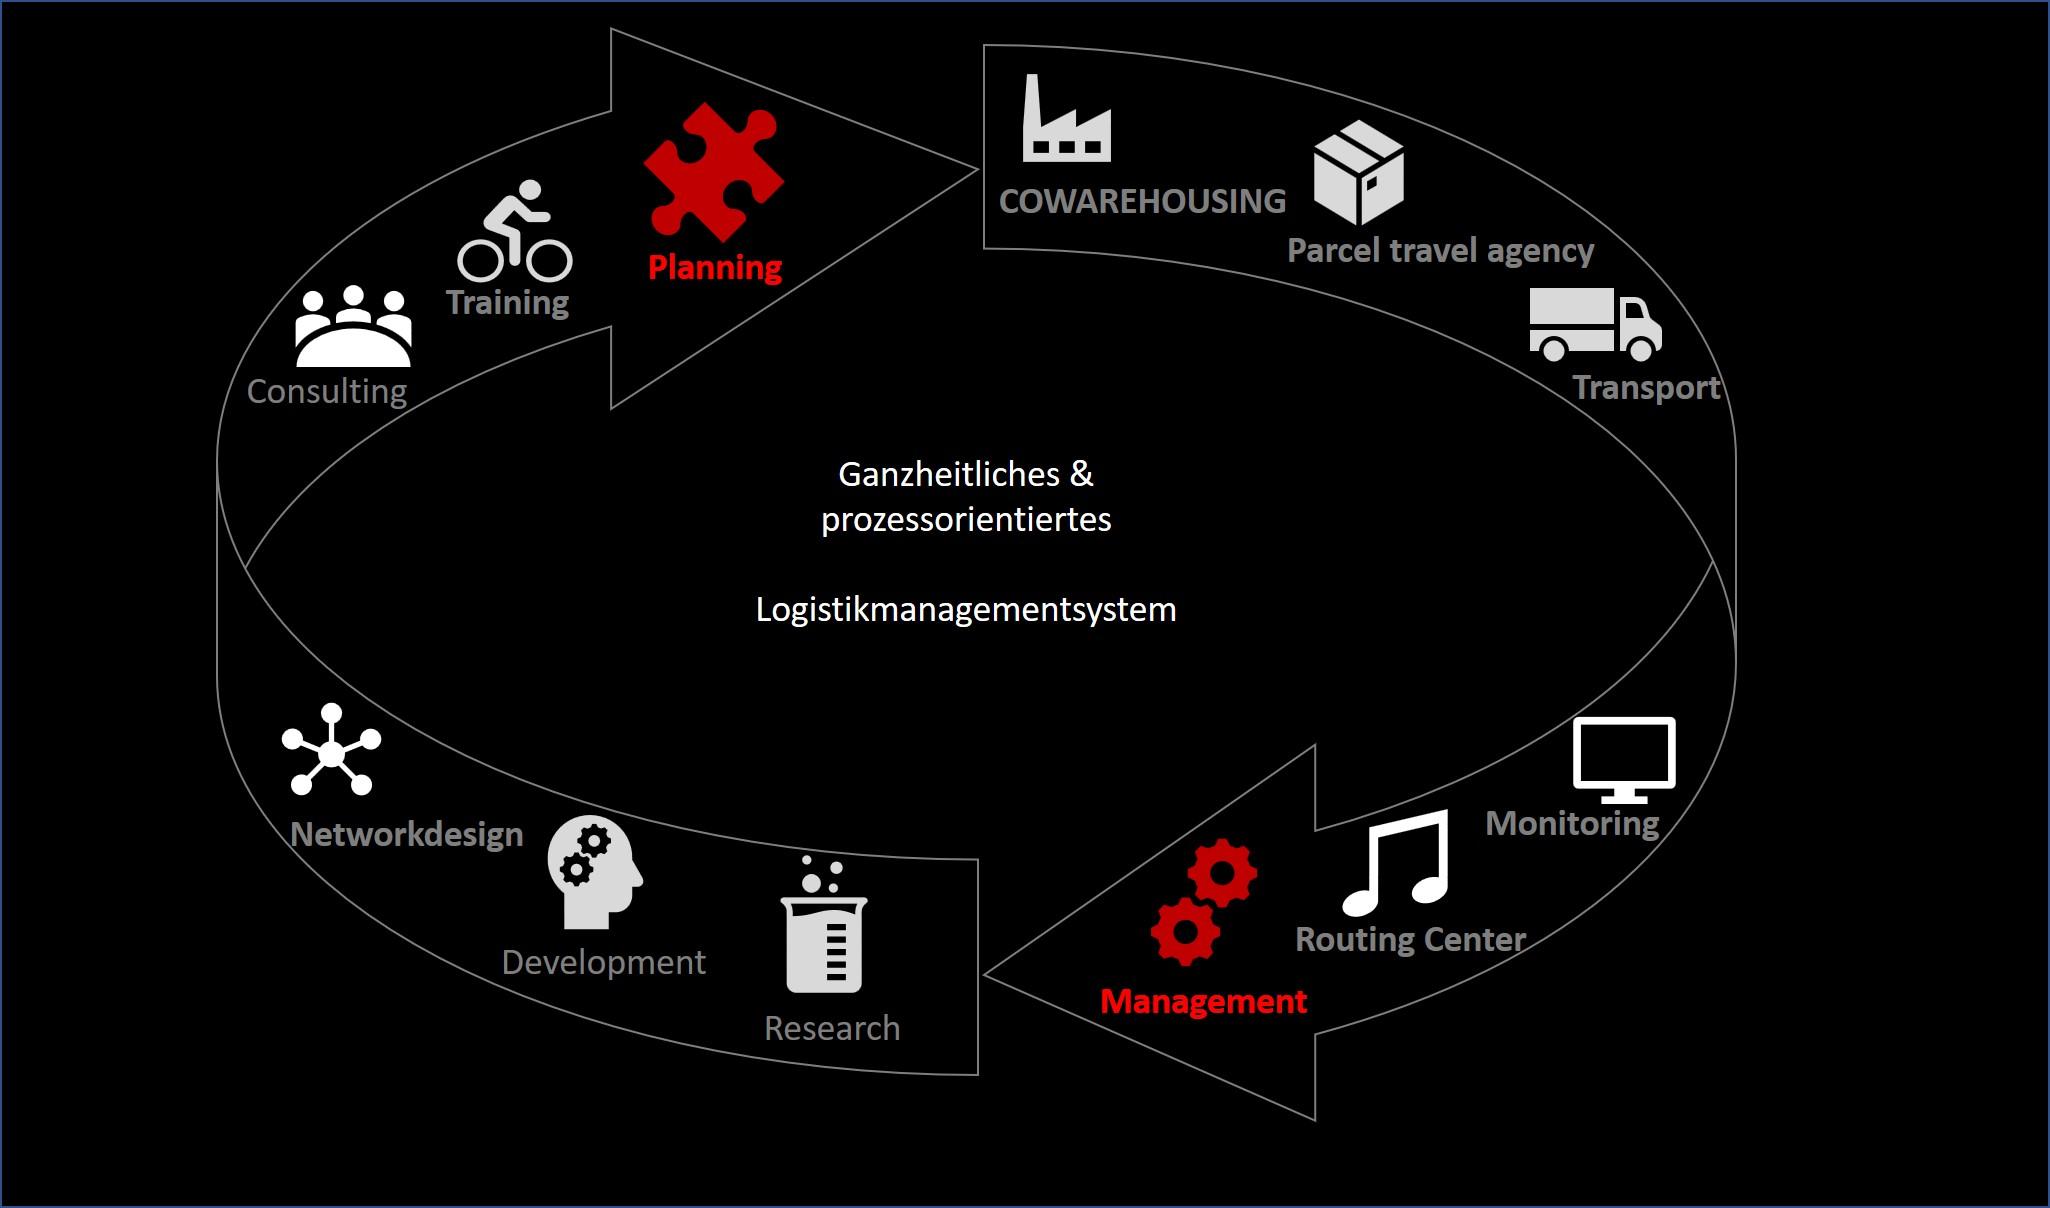 Ganzheitliches Logistikmanagementsystem